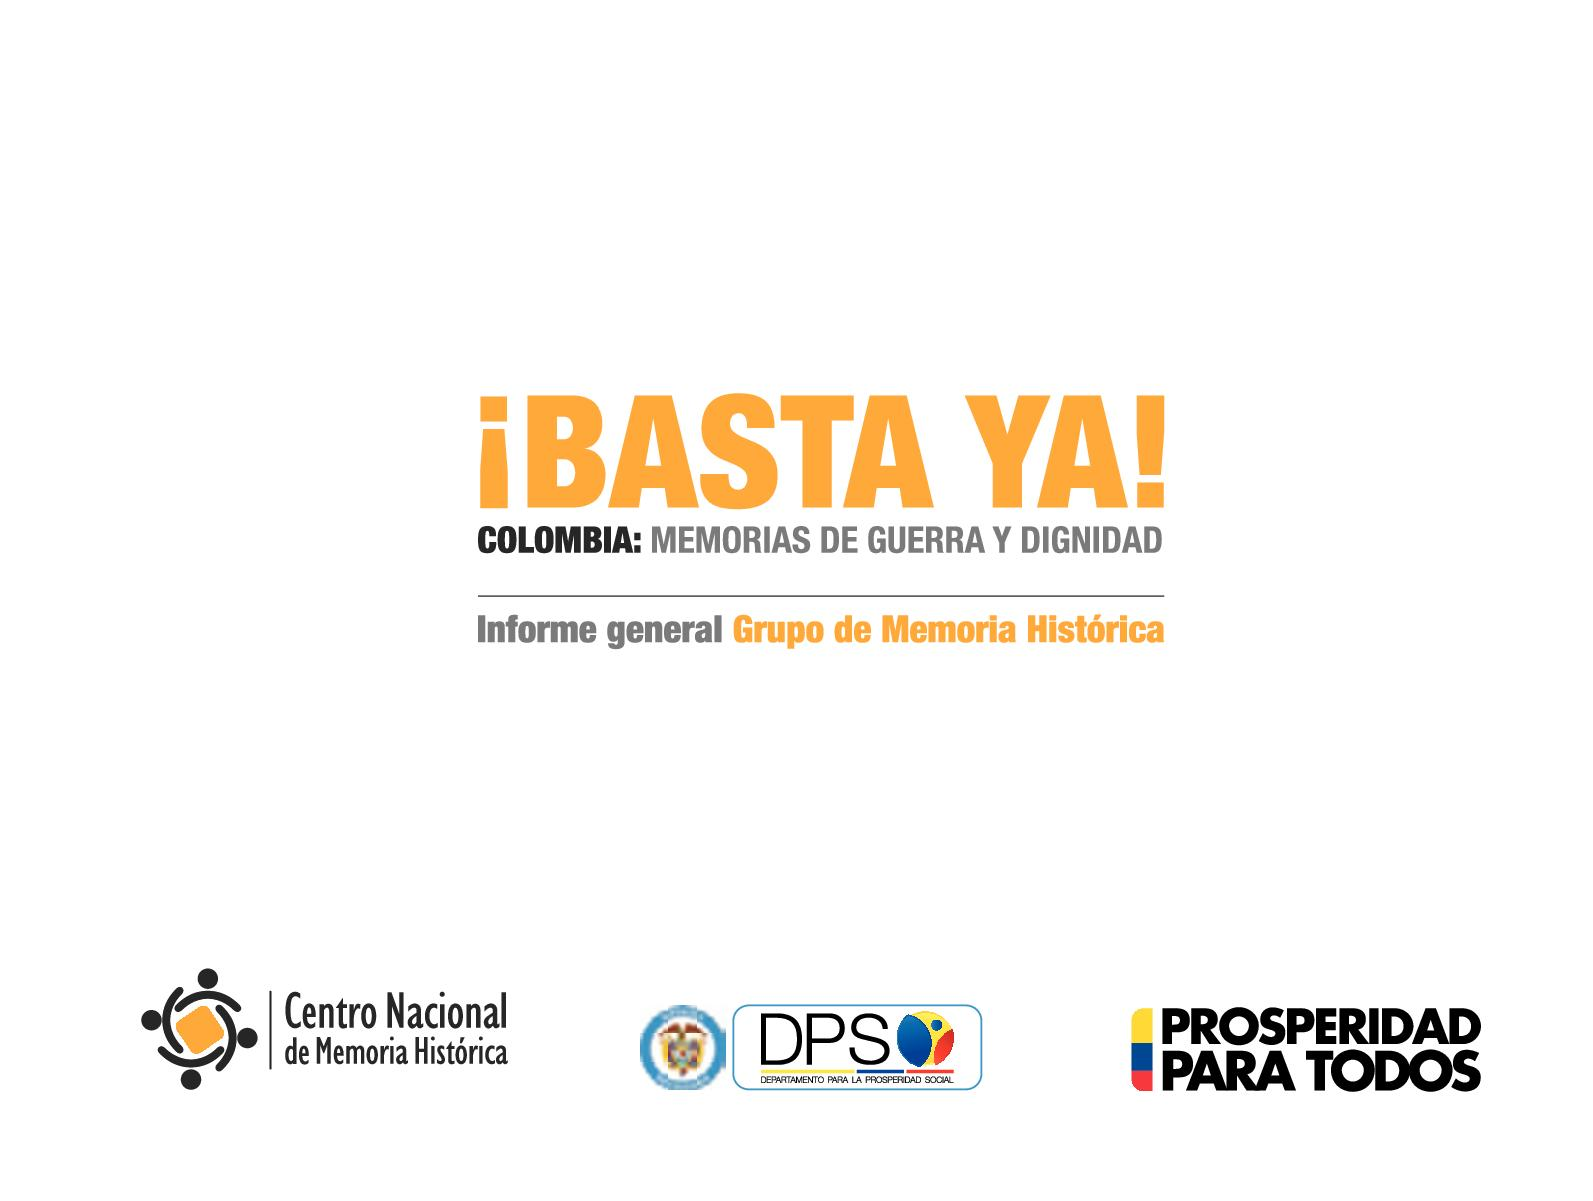 6afcb4d1ad Calaméo - Basta Ya Colombia Memorias De Guerra Y Dignidad 2016